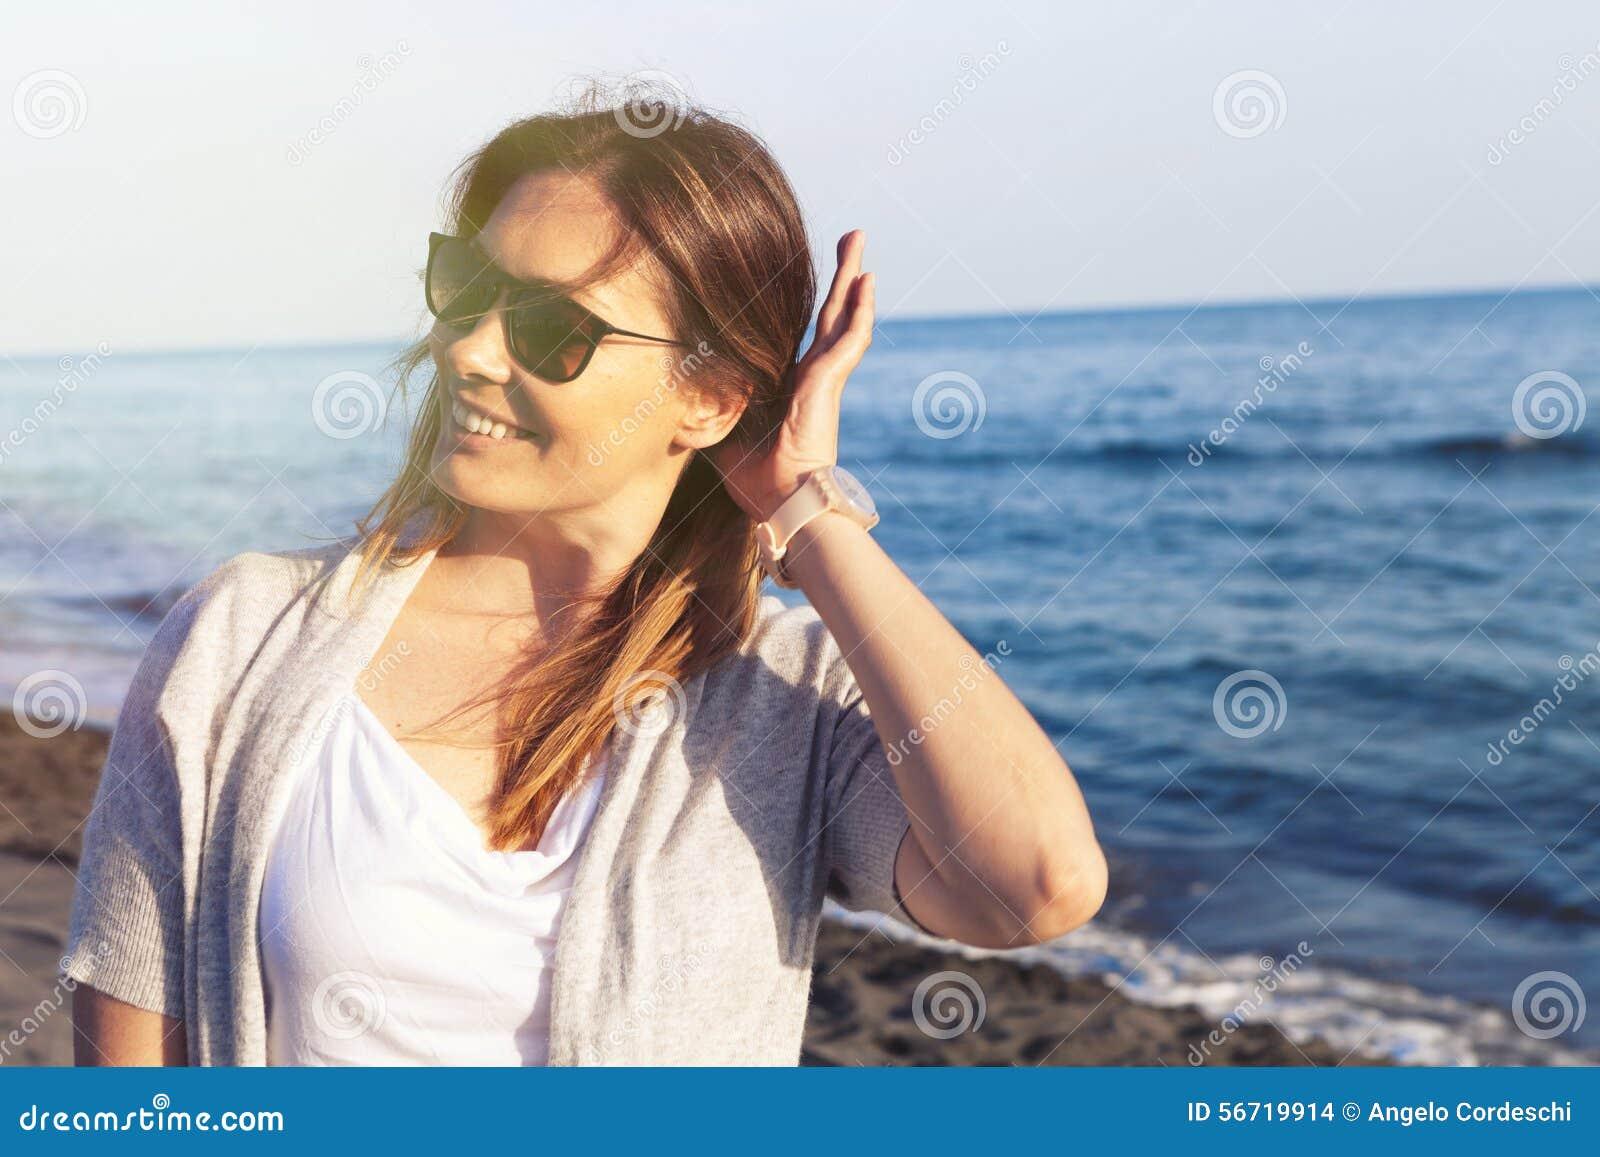 5c87ac1732 Donna Con Gli Occhiali Da Sole Che Sorride Al Baach Priorità Bassa ...